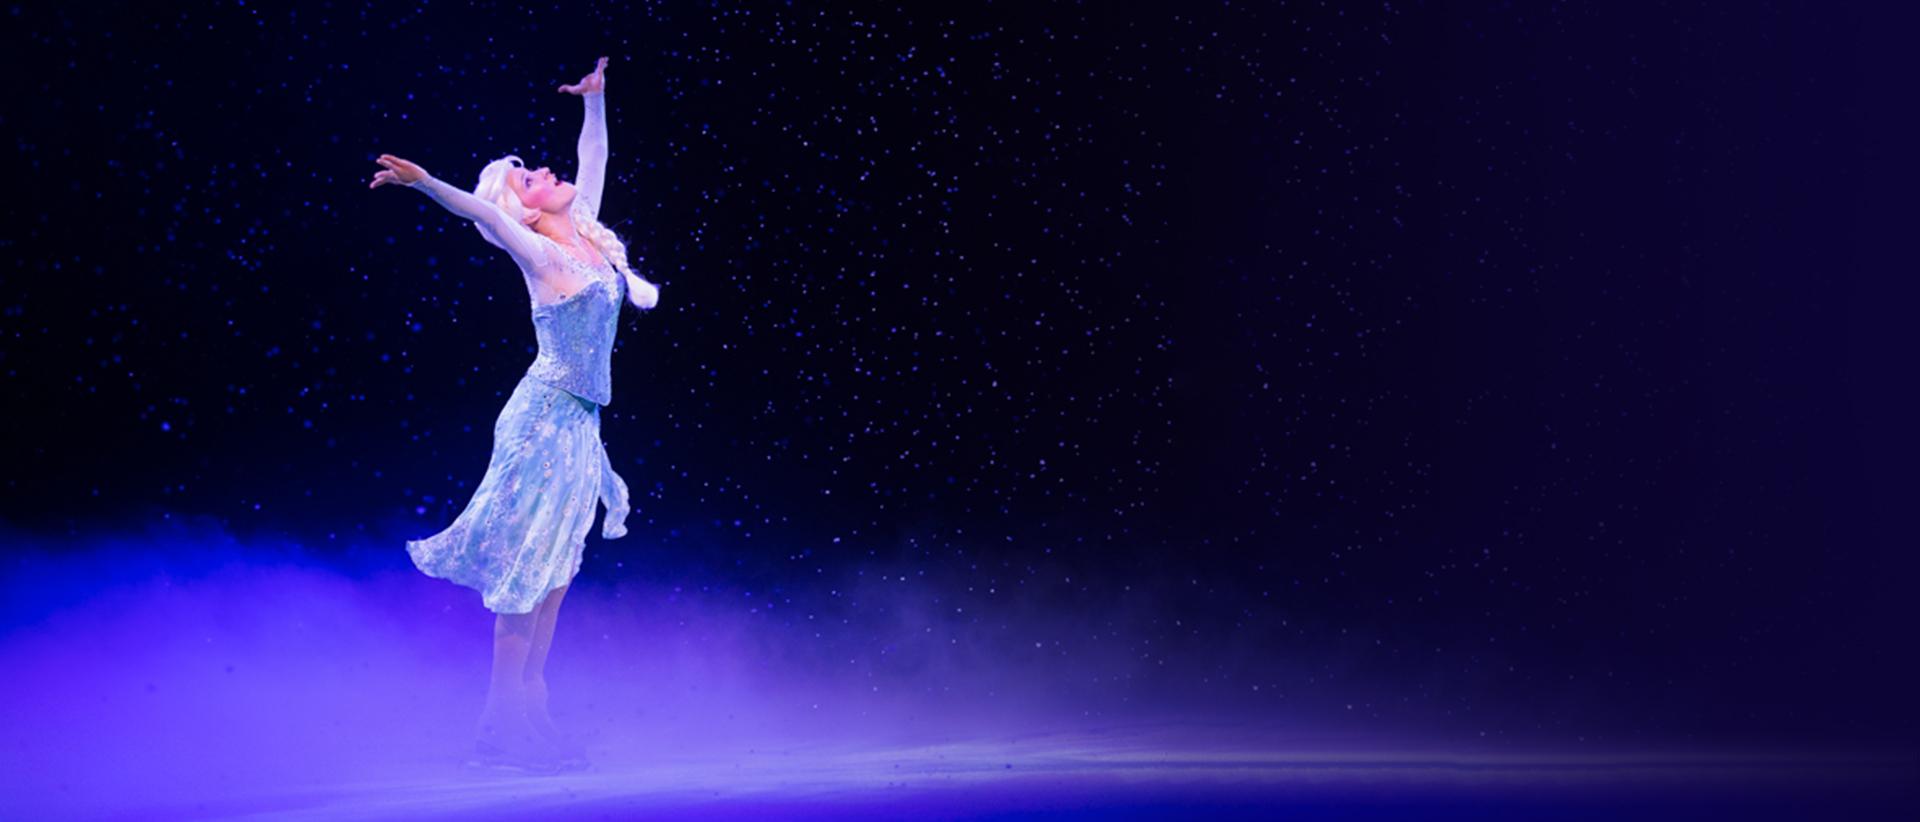 Elsa on dancing on ice